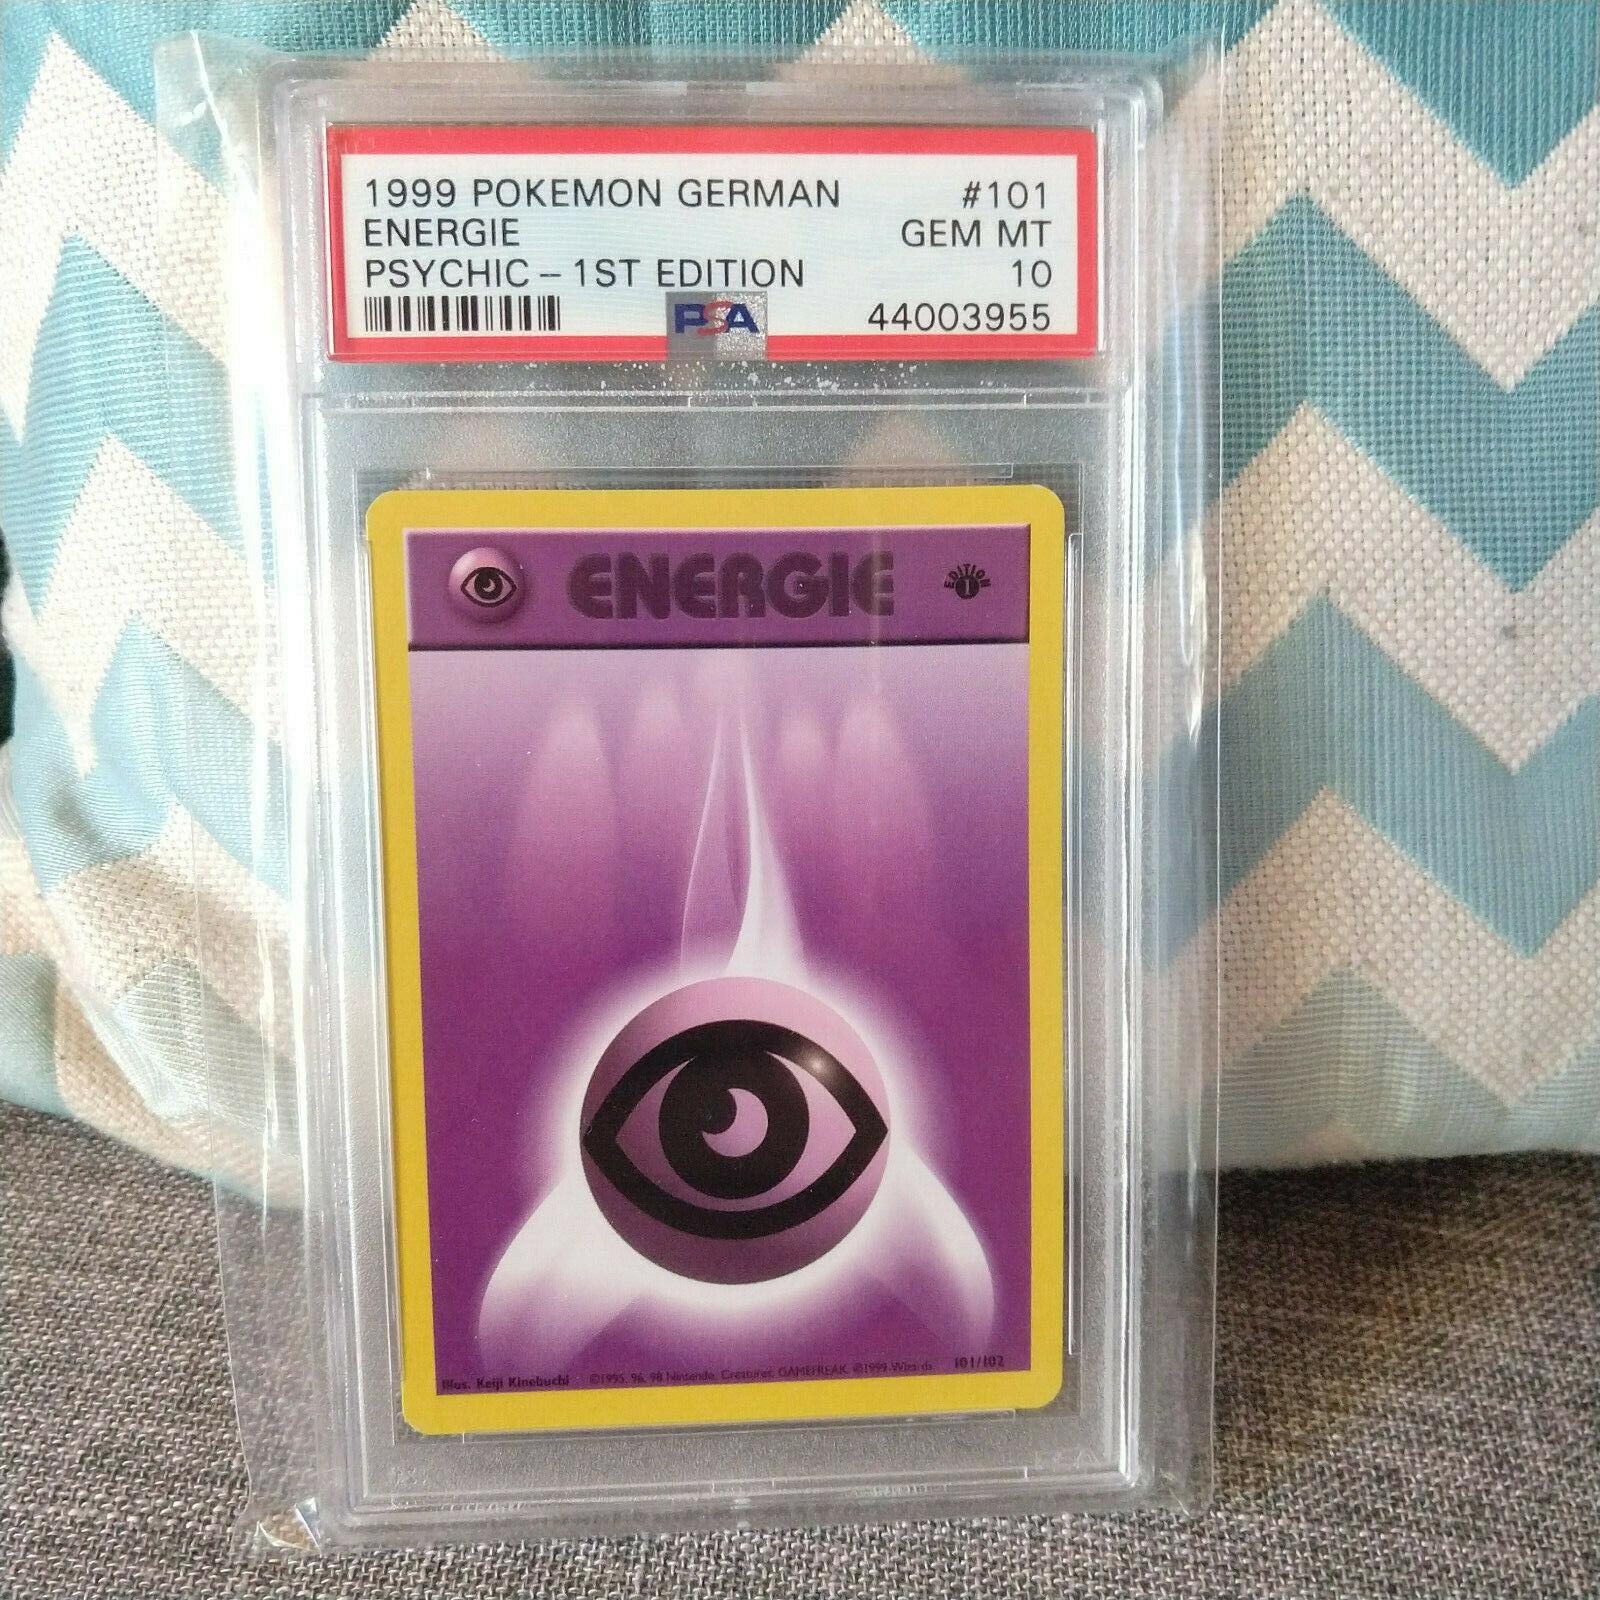 Pokemon Energie Energy Edition 1 Psycho Psychic PSA 10 GEM MINT